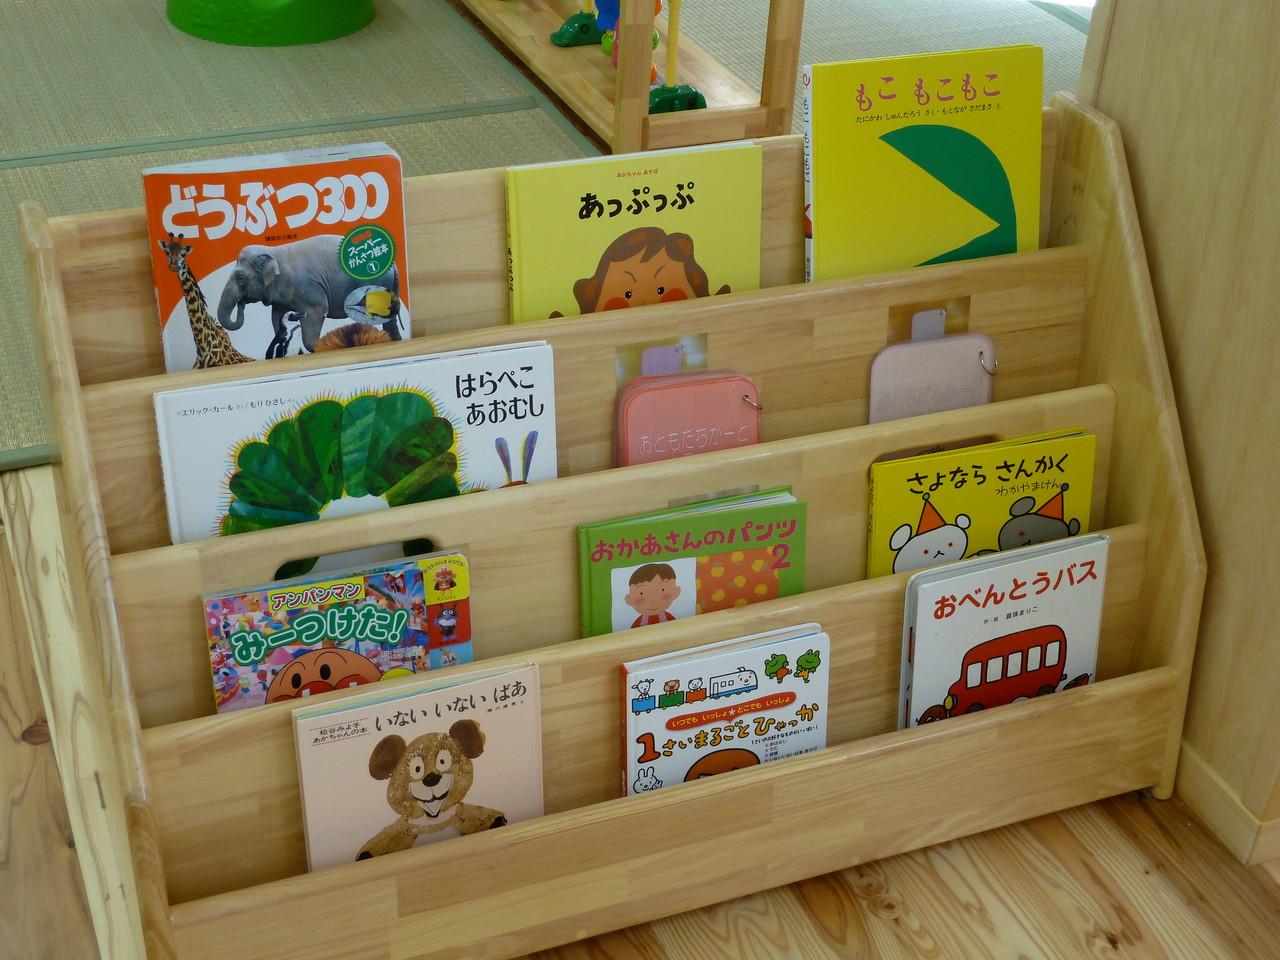 """絵本棚には""""お友だちカード""""もあり、自分のカードやお友だちを見つけて笑顔になります。"""